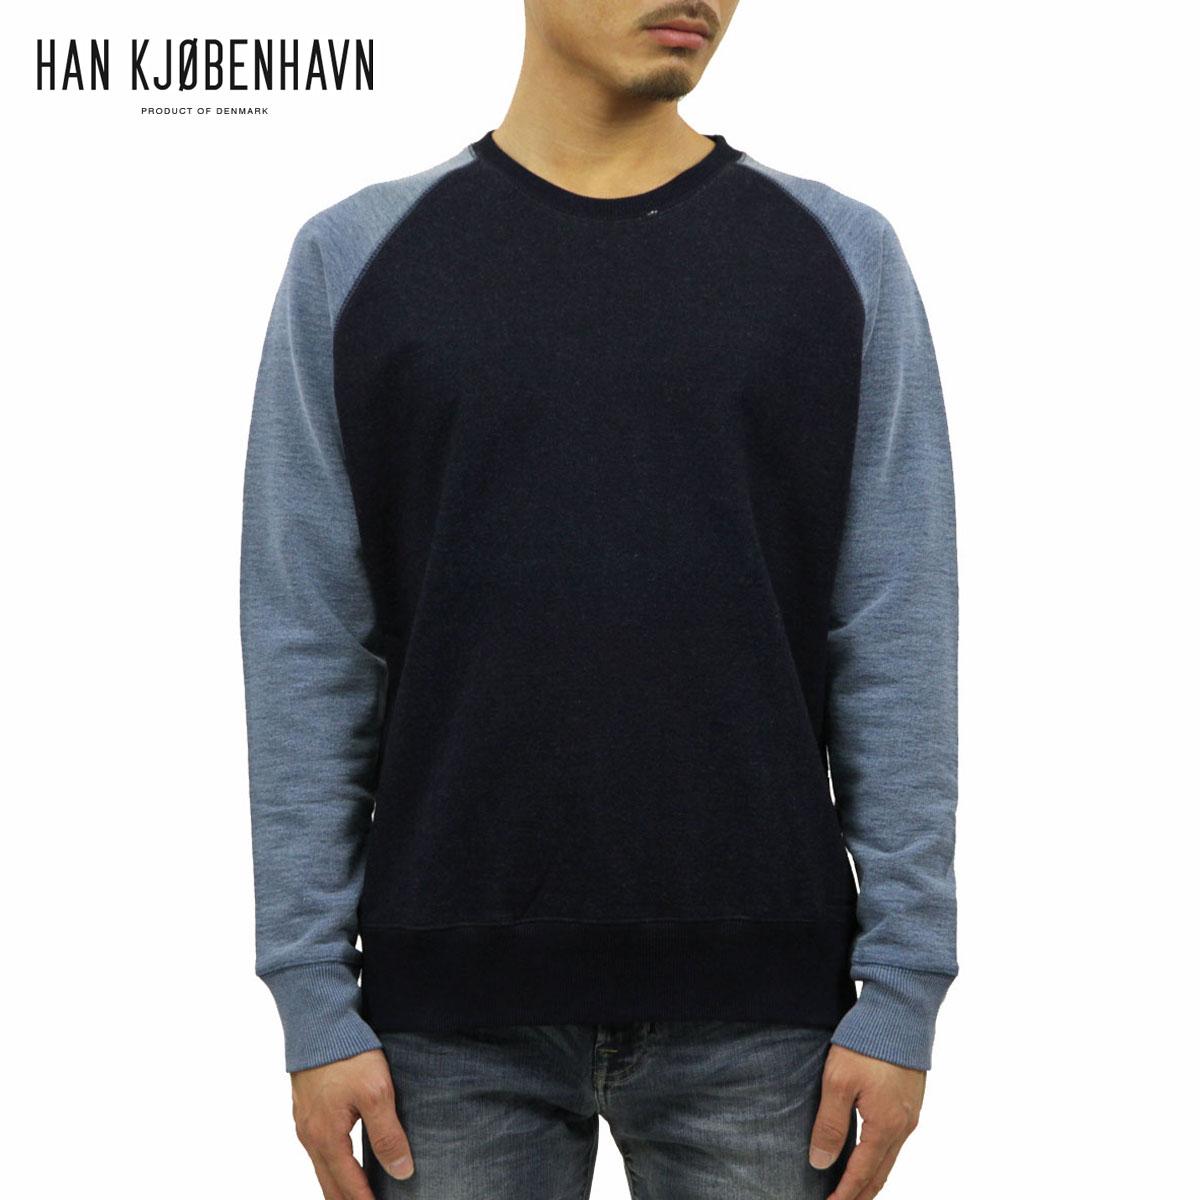 ハン HAN KJOBENHAVN 正規販売店 メンズ スウェット WORKER CREW NECK ネイビーグレー D15S25